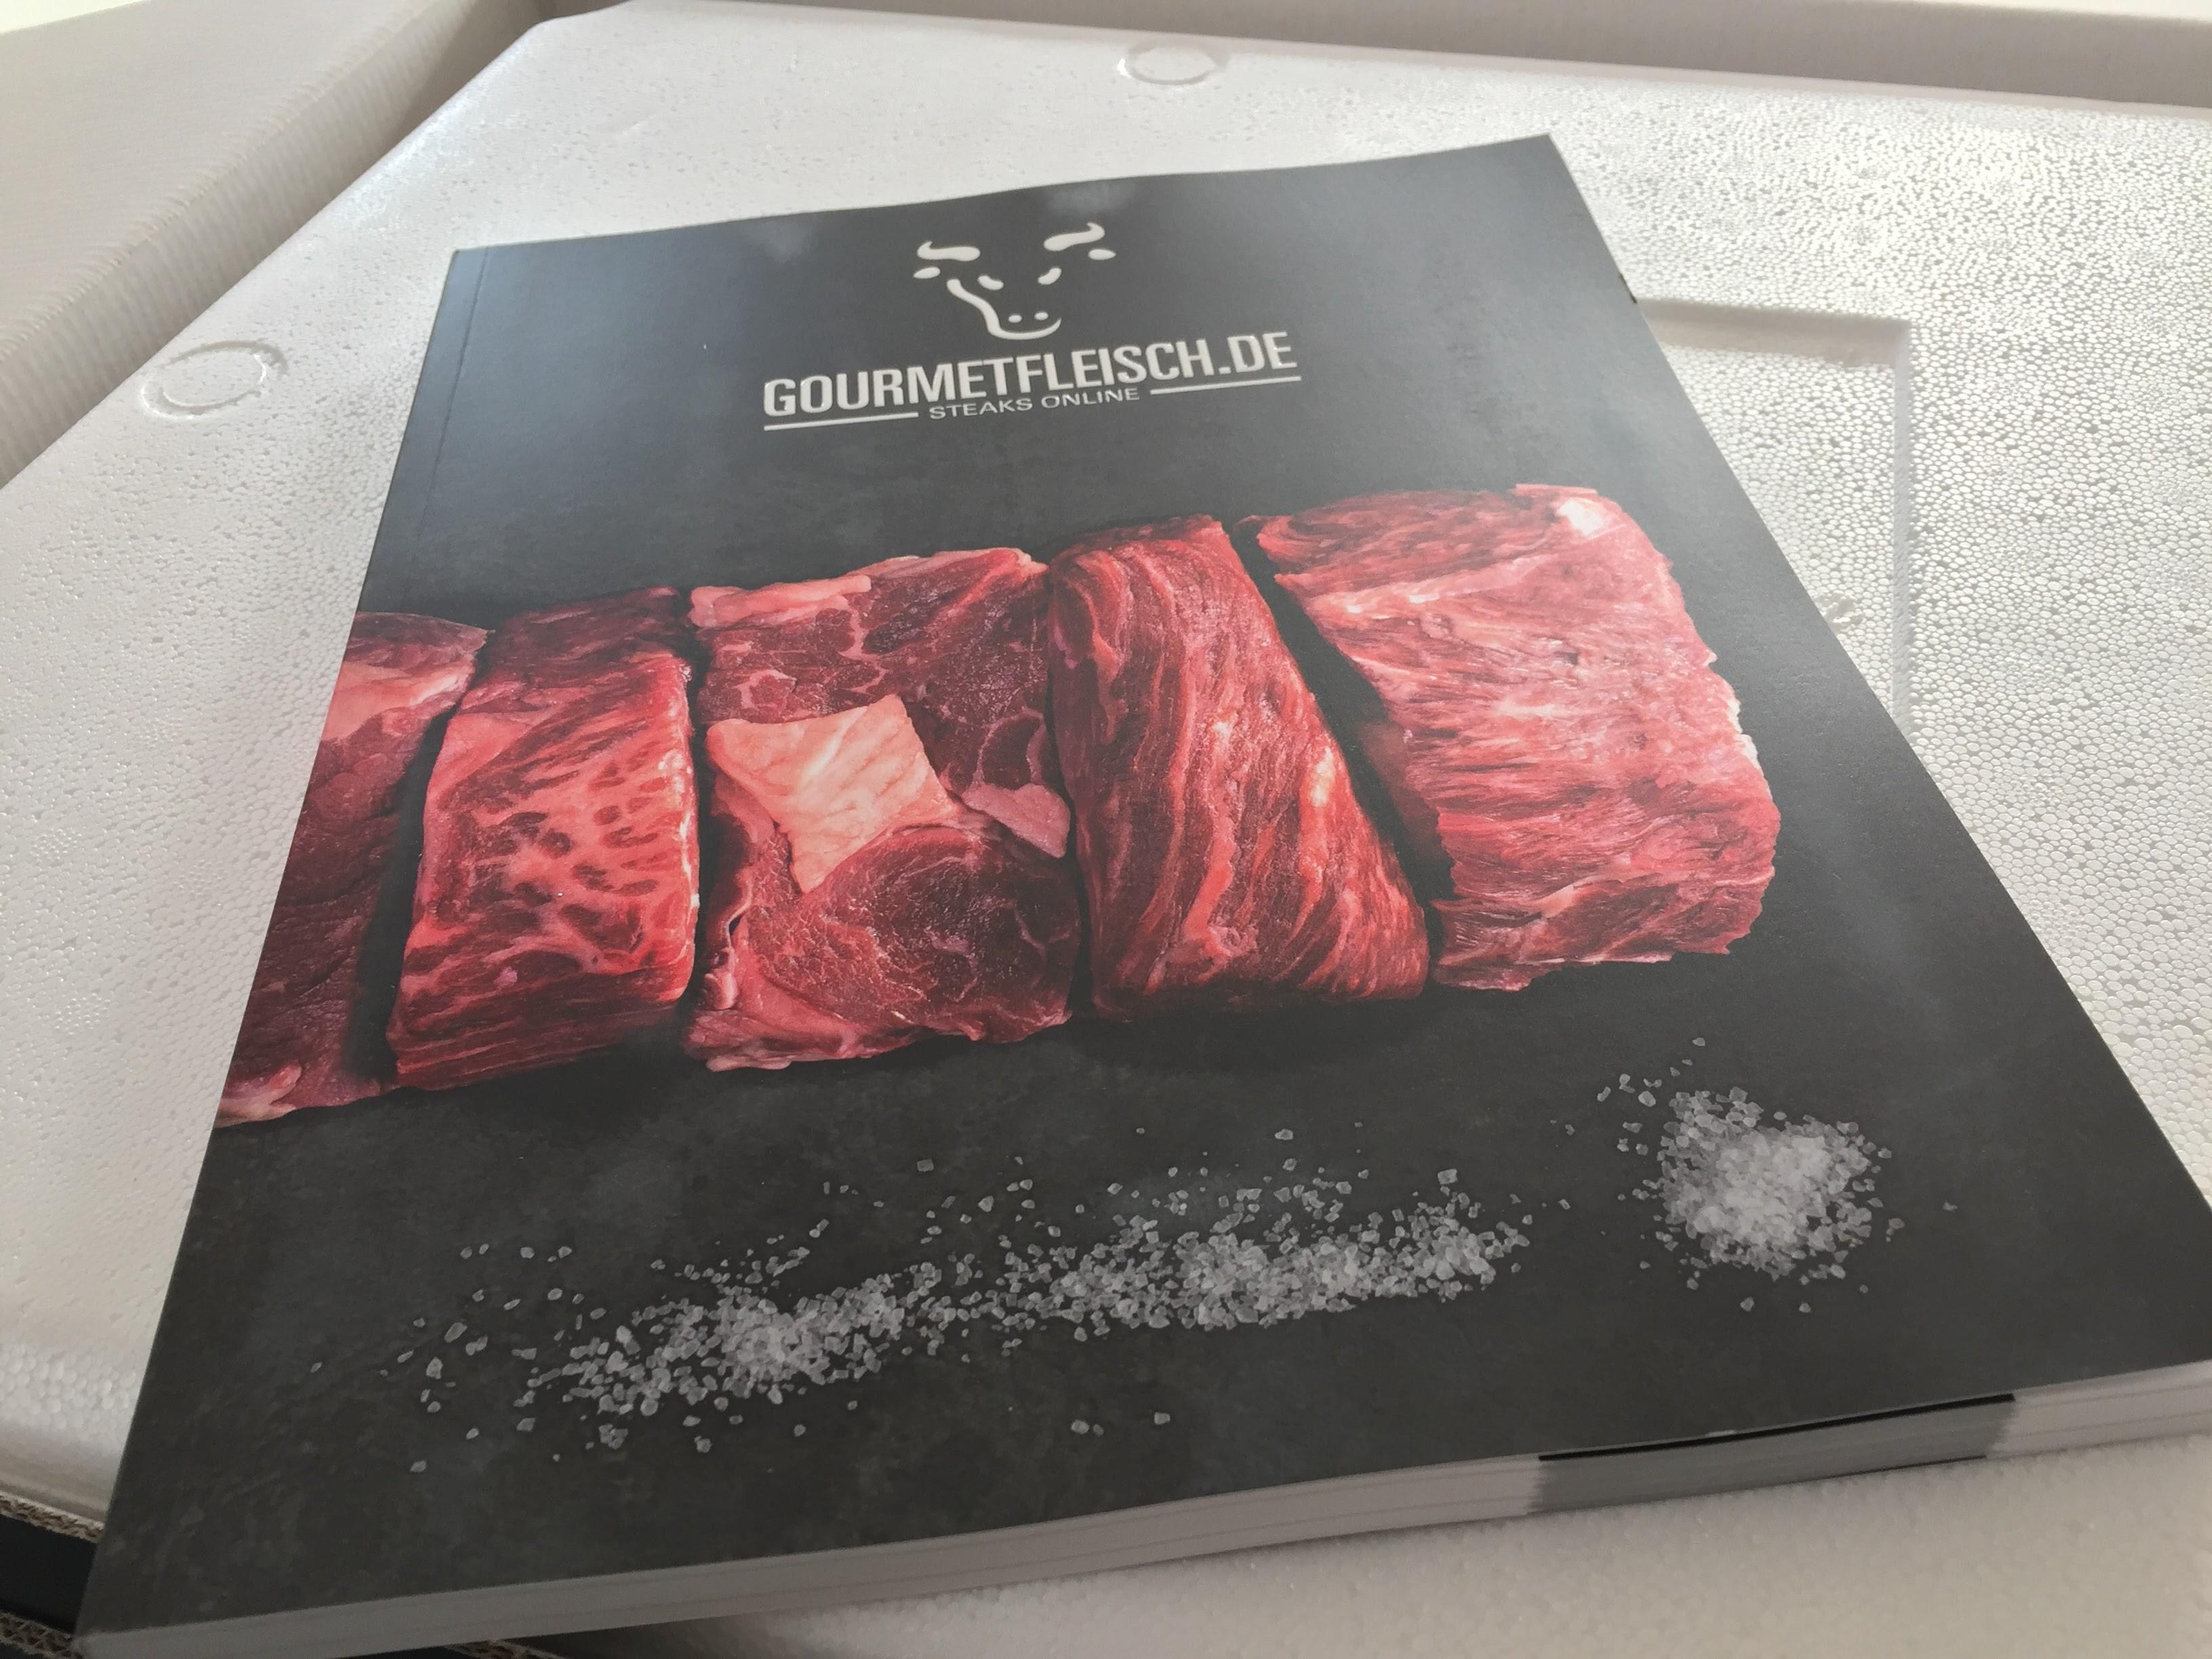 Steaks online…